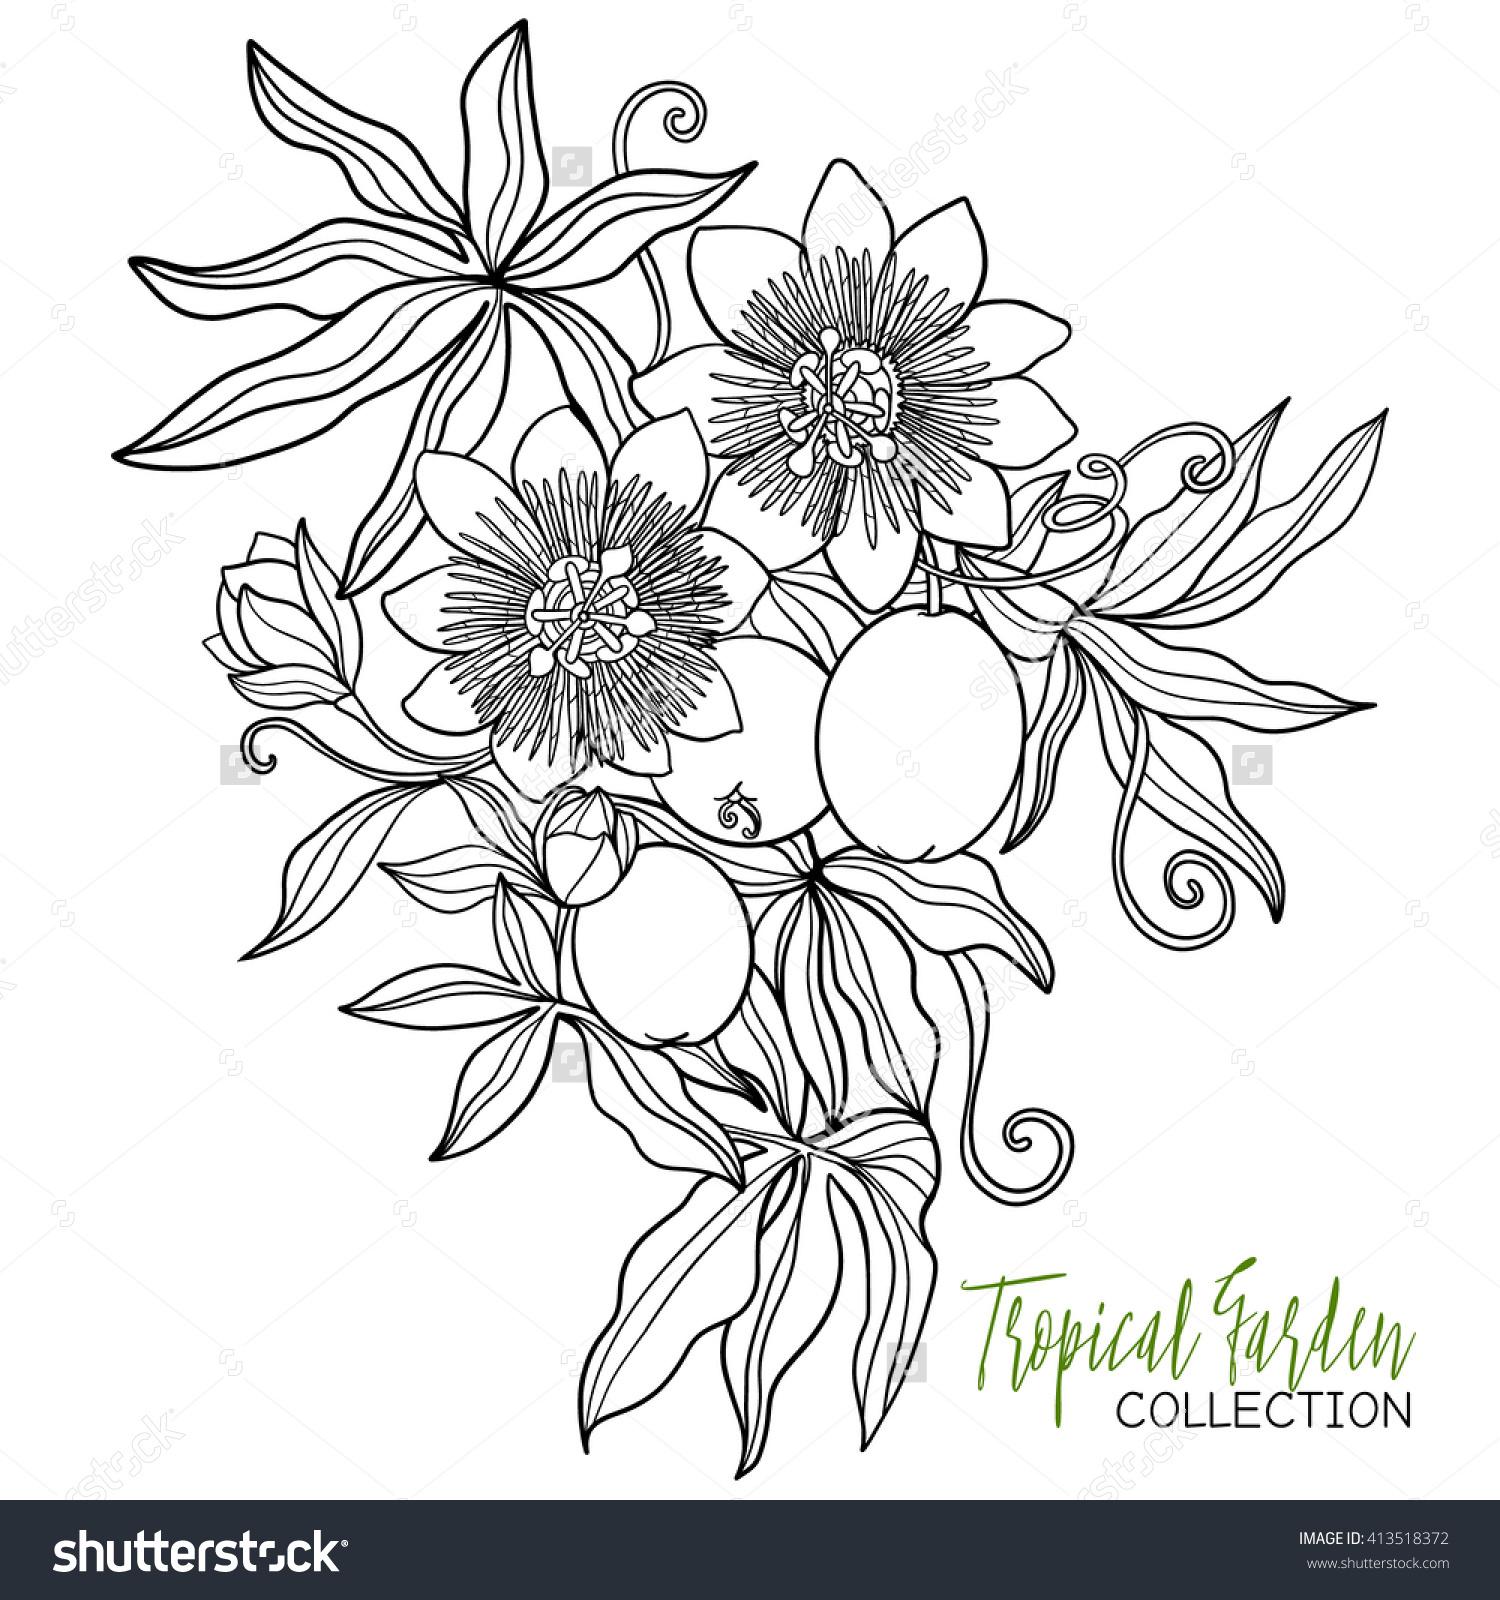 Passiflora coloring #13, Download drawings